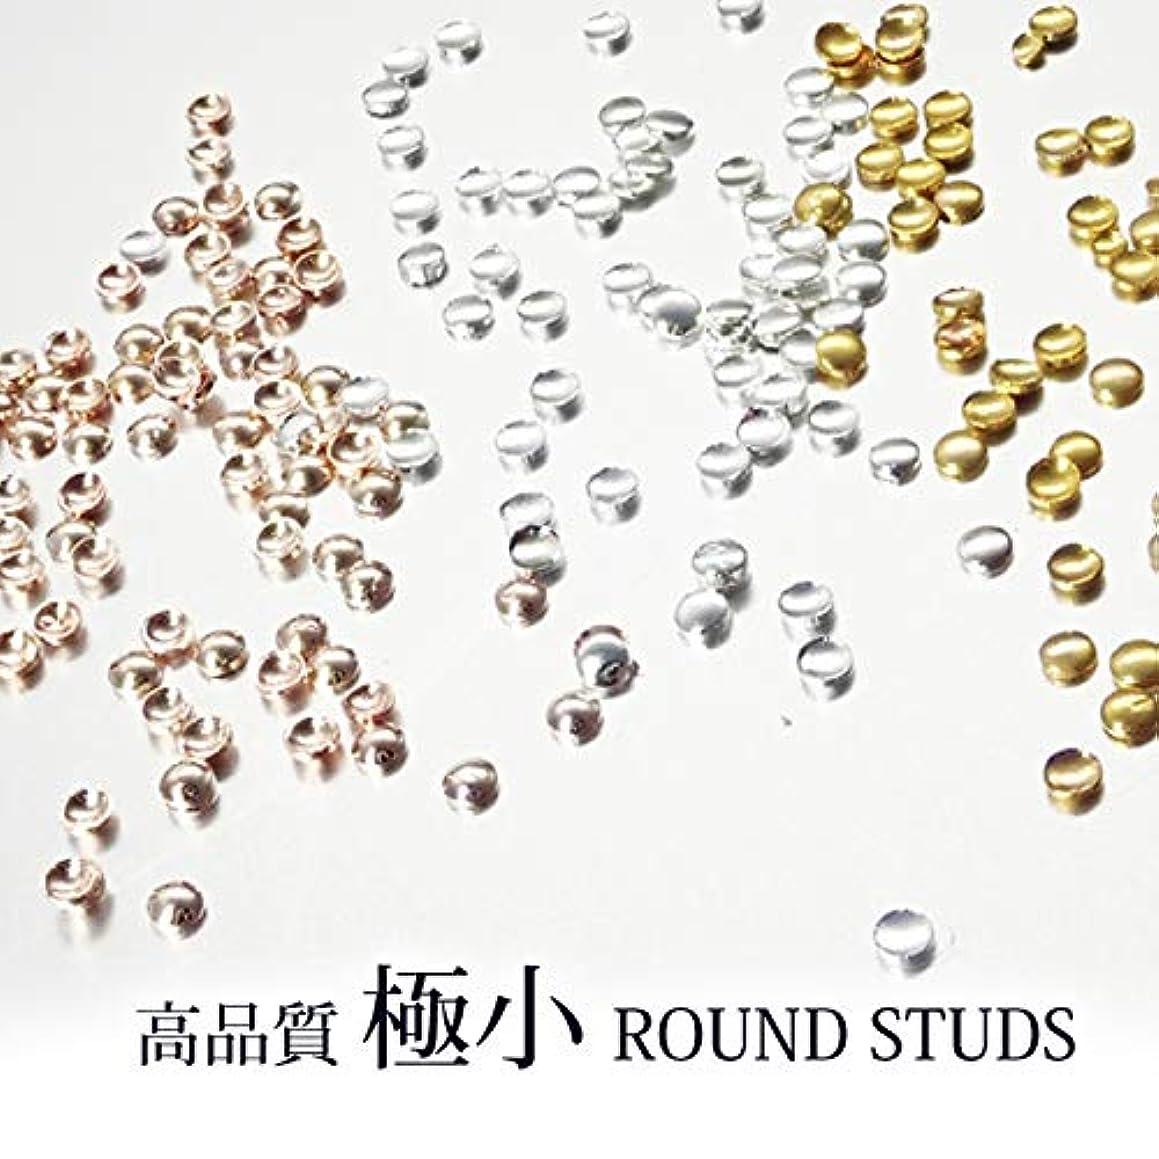 線形残基これら丸スタッズ 0.8 mm 1mm 1.2mm 1.5mm 2mm 2.5mm 半円スタッズ ブリオン 極小 ネイル レジン ジェルネイルに (1mm(100粒), ピンクゴールド)